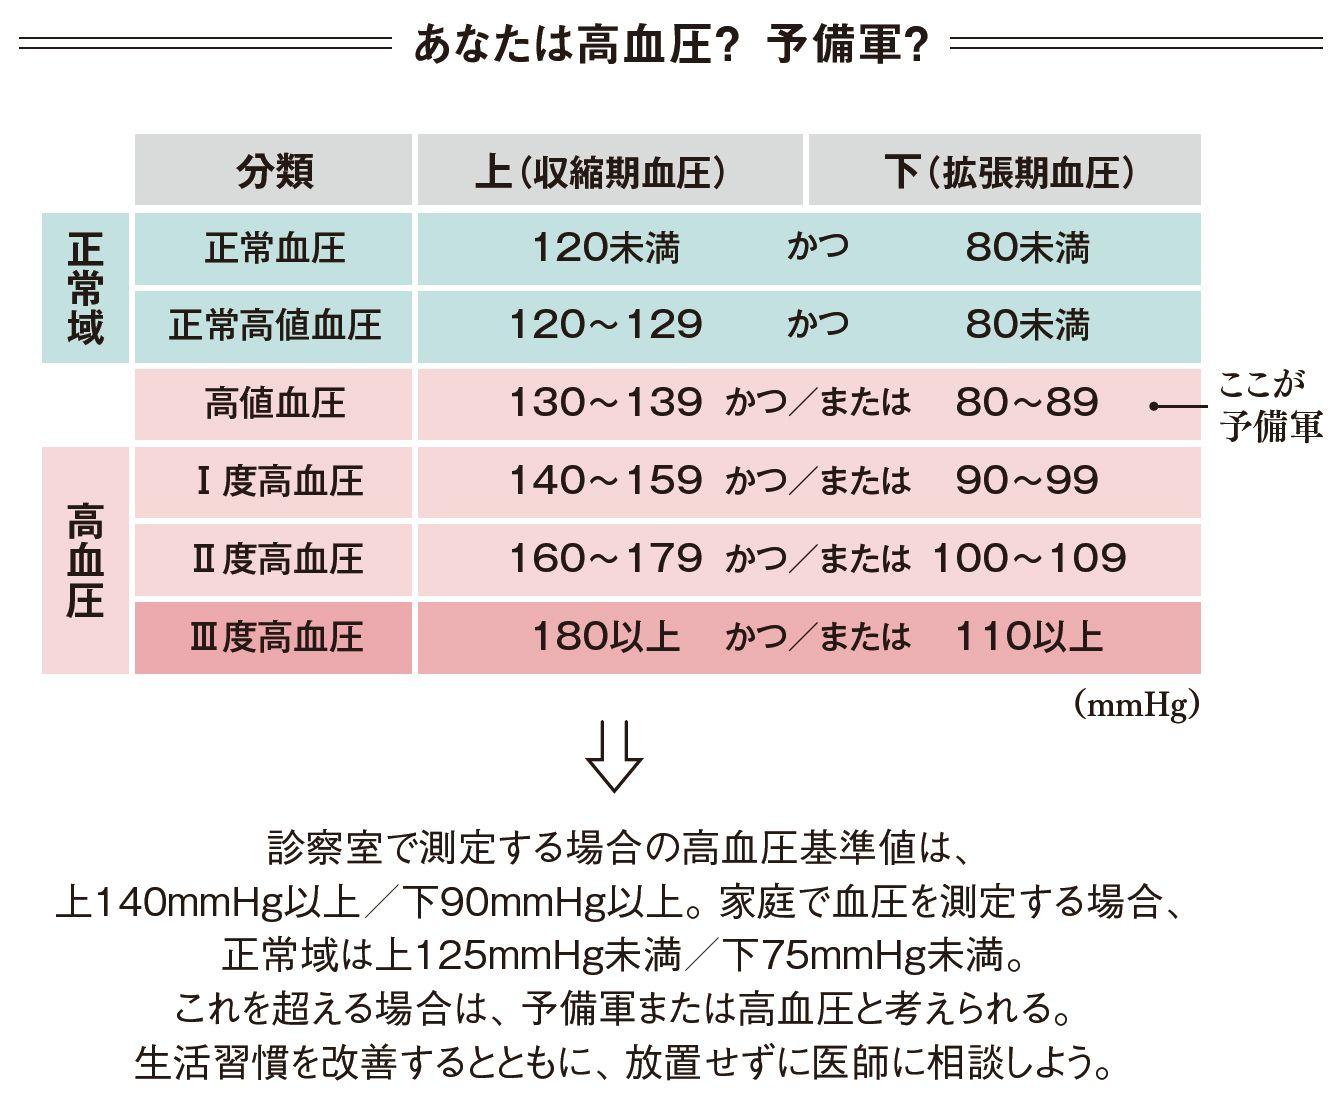 理由 高い 血圧 が 下 上の血圧と下の血圧の差は大きいほうが良いのか?小さいほうが良いのか?